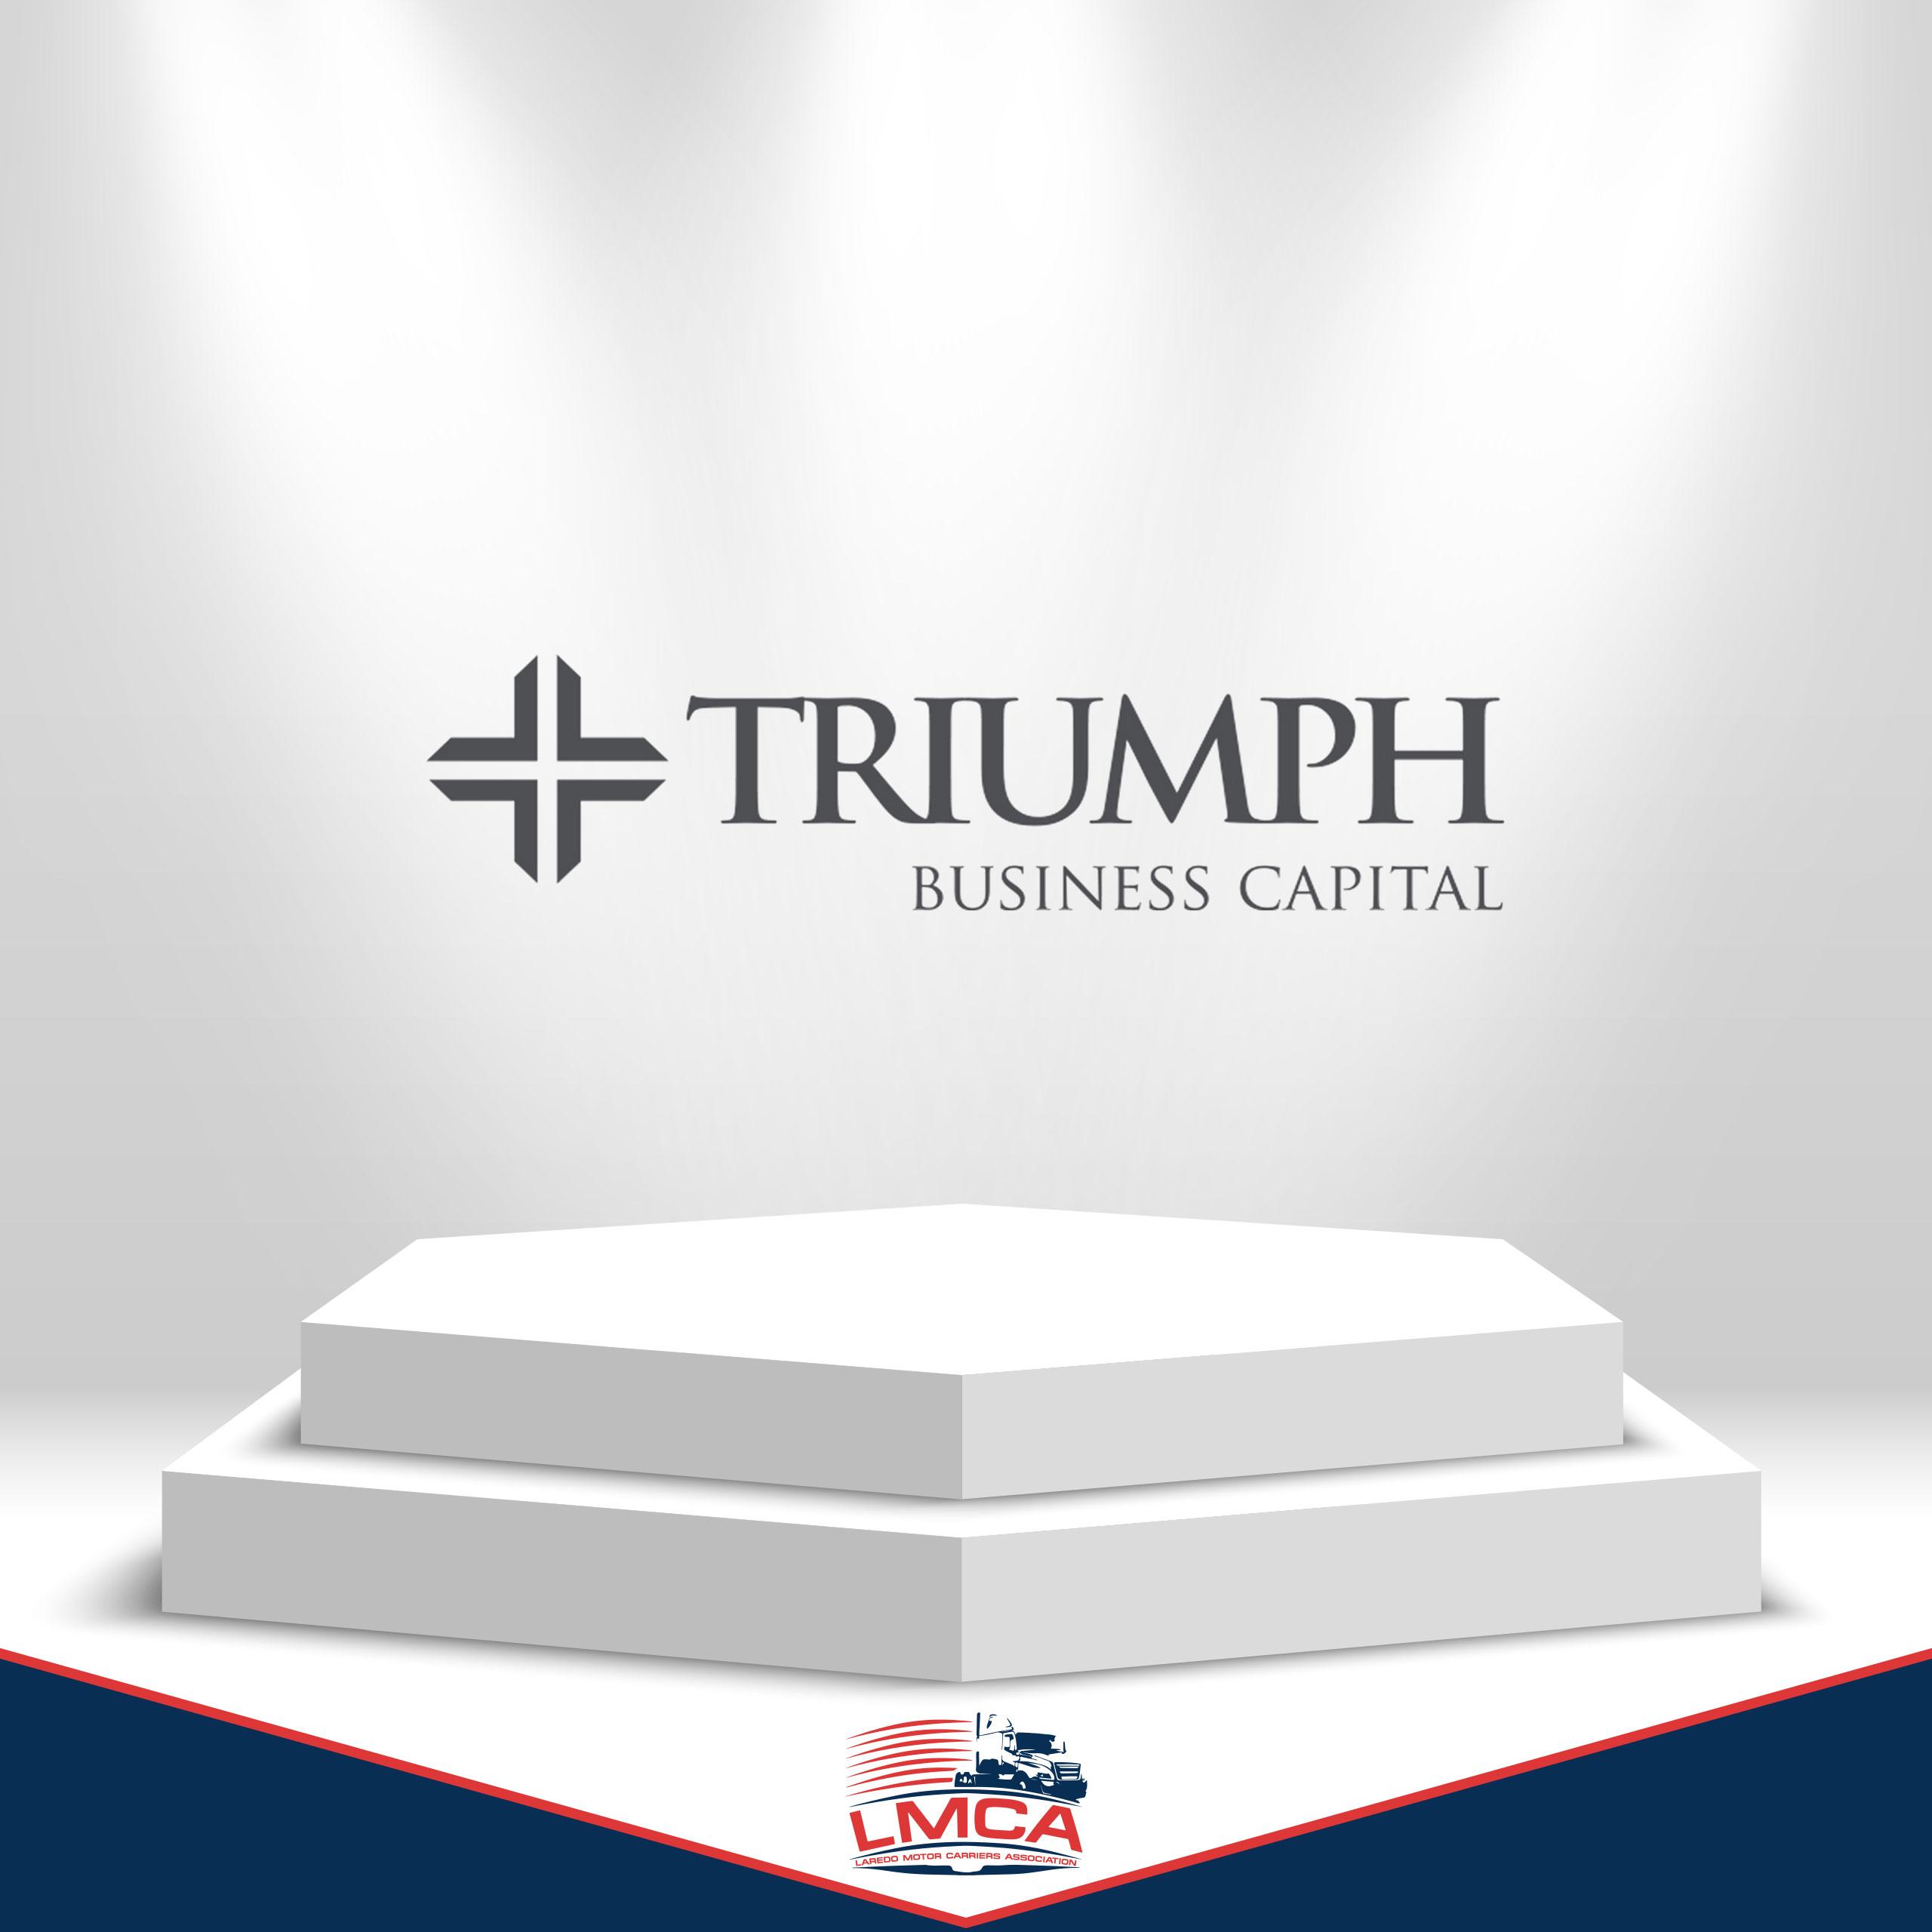 triumphlmca